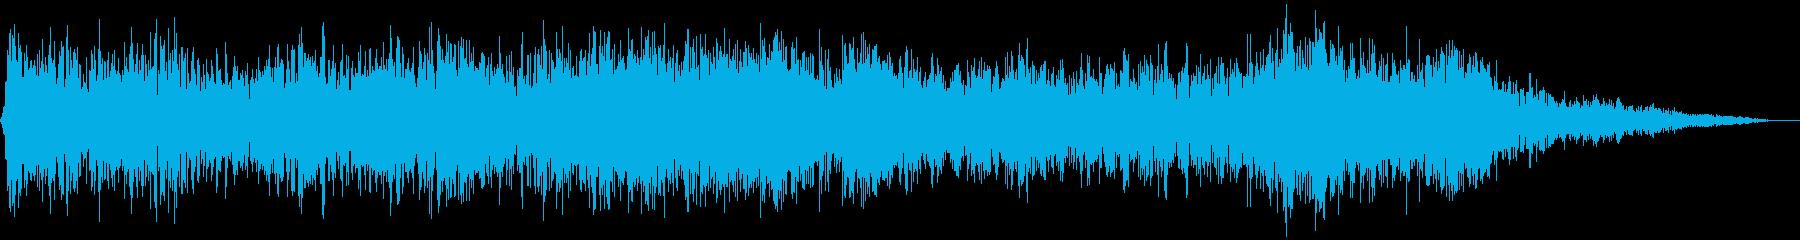 【アンビエント】ドローン_42 実験音の再生済みの波形